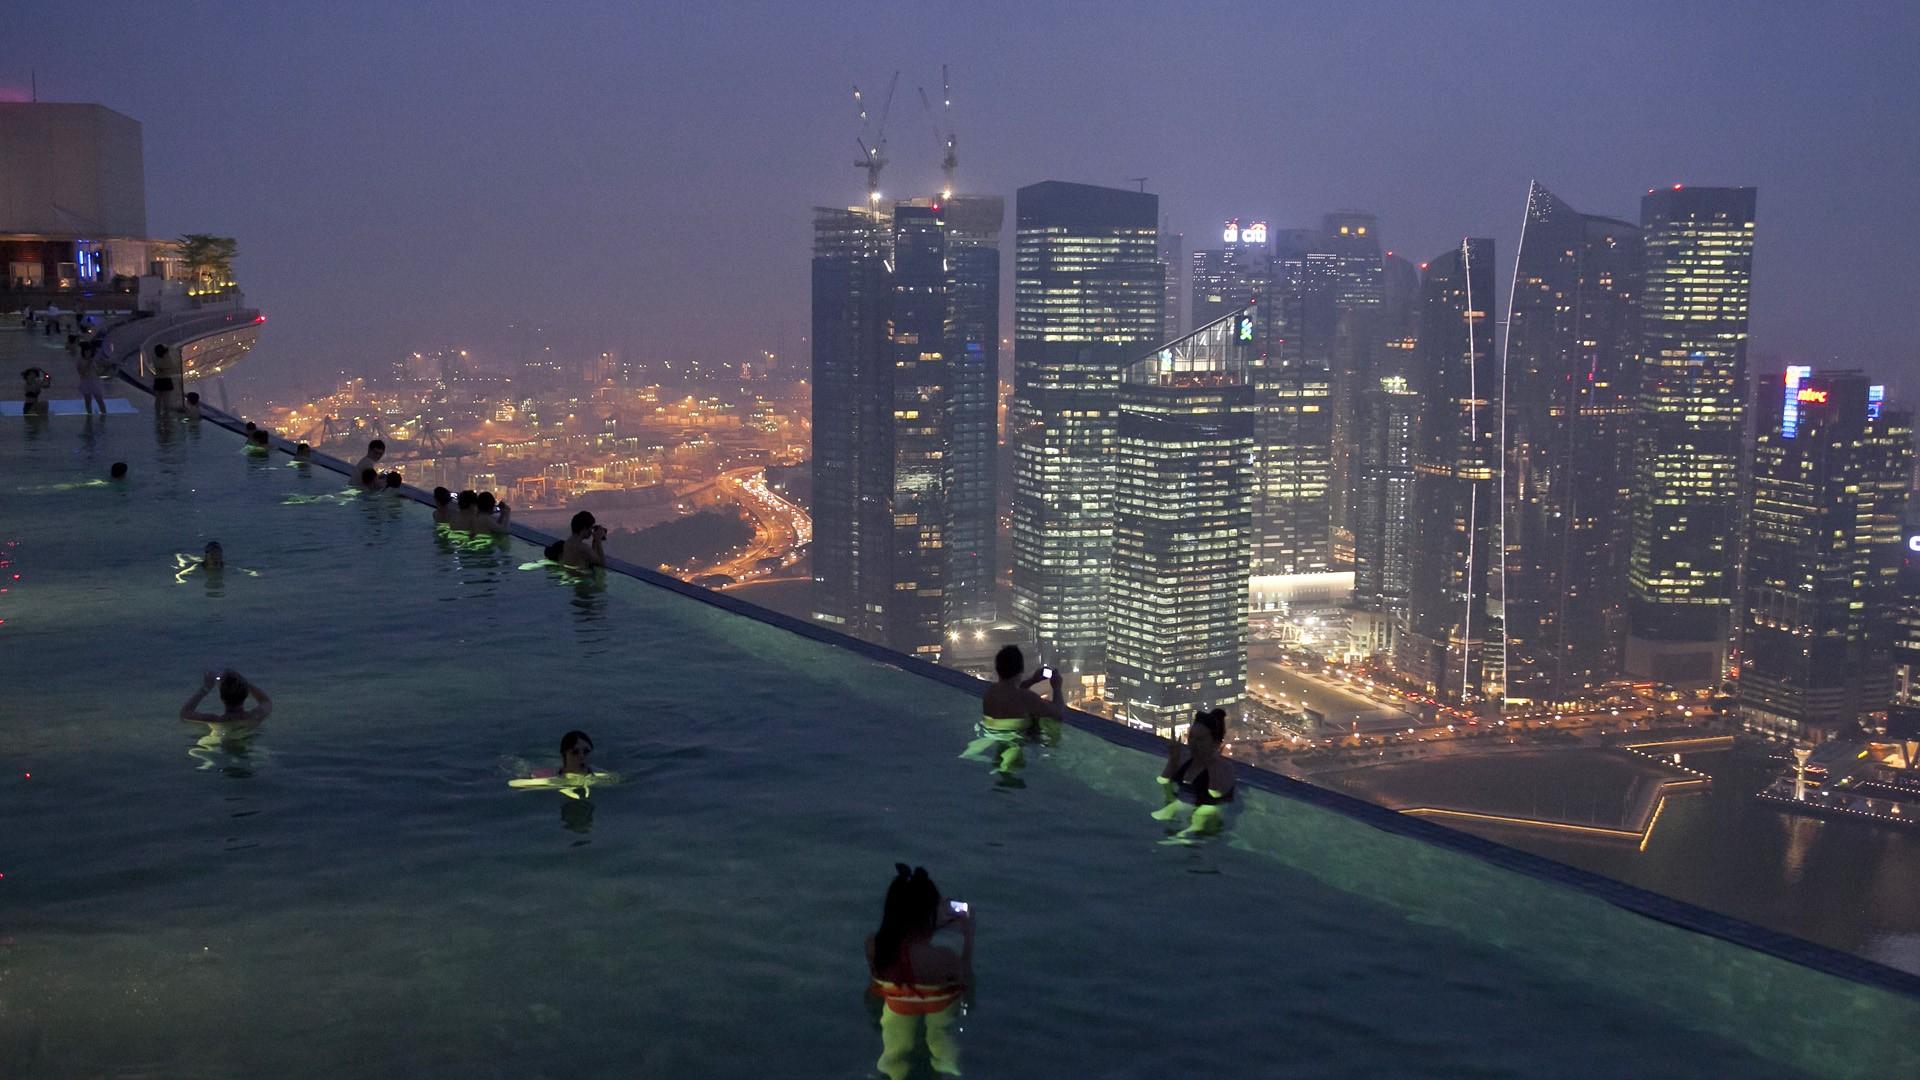 Skyline Singapour – Trouver Des Idées Pour Voyager En Asie destiné Piscine Singapour